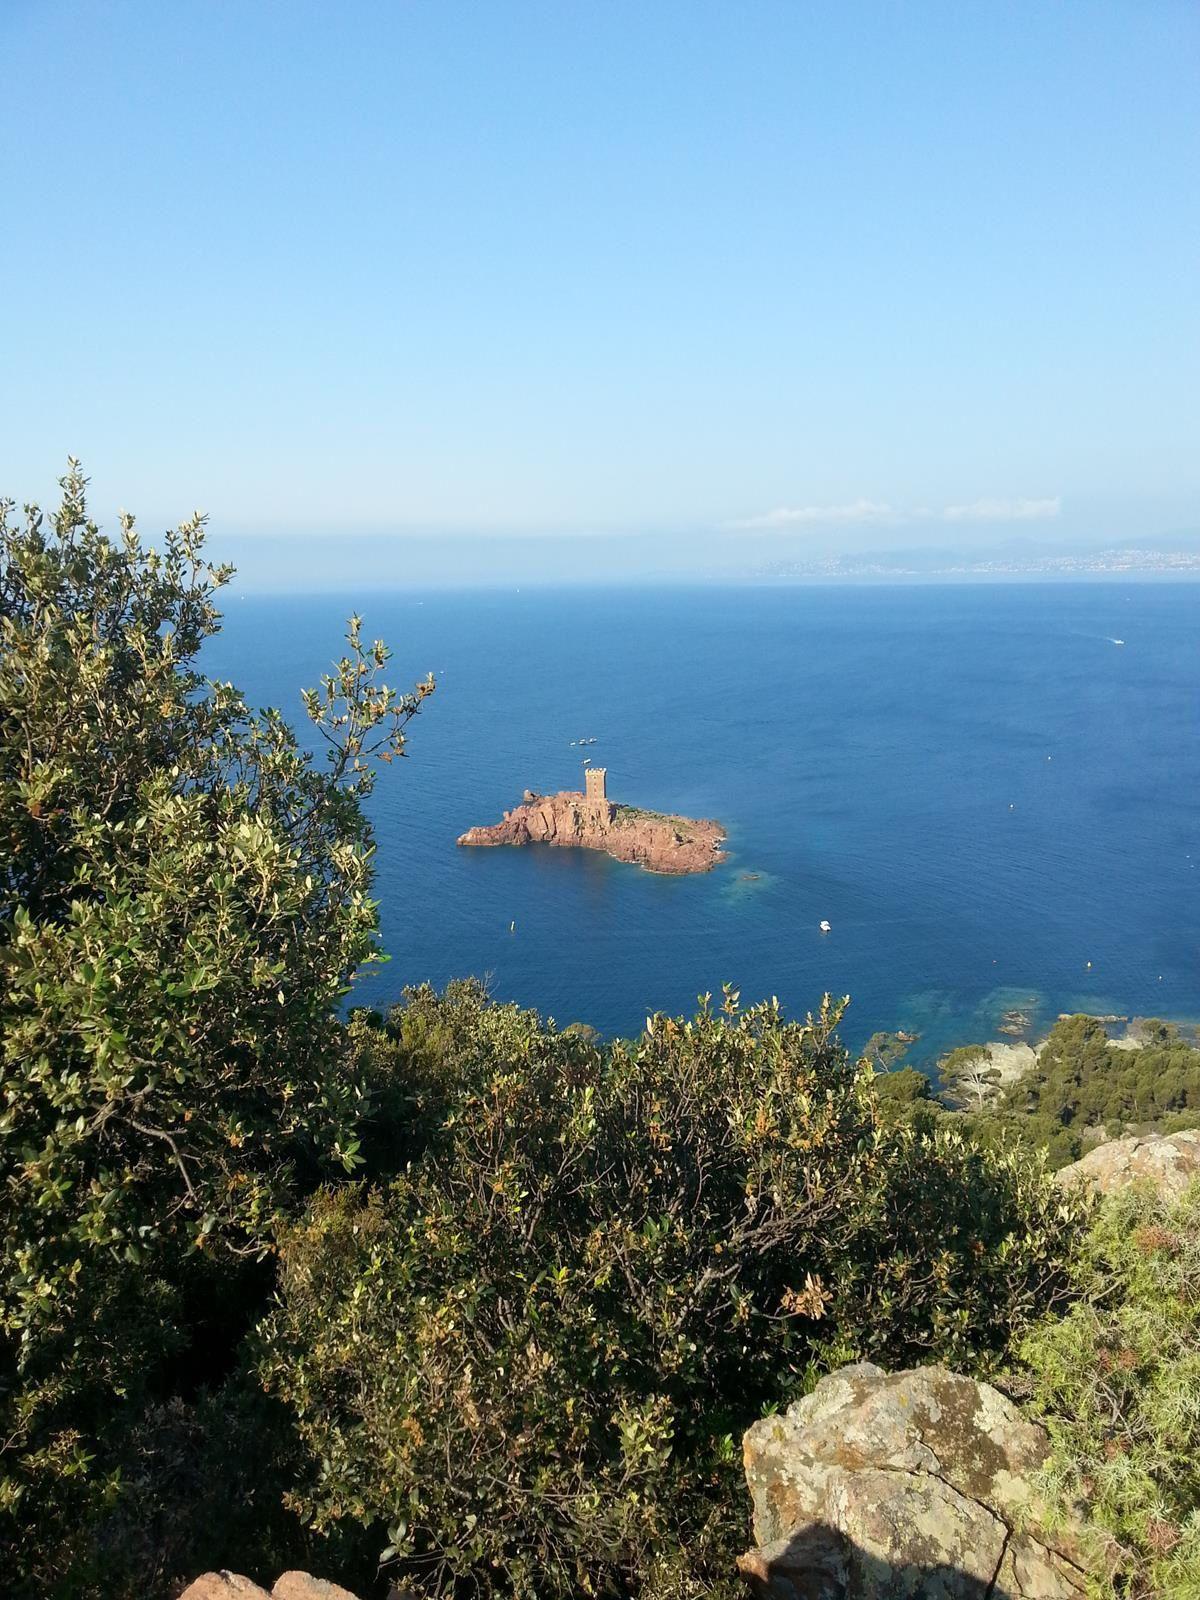 l'île d'or qui aurait inspiré Hergé, quand il a écrit la BD : l'île noire de Tintin